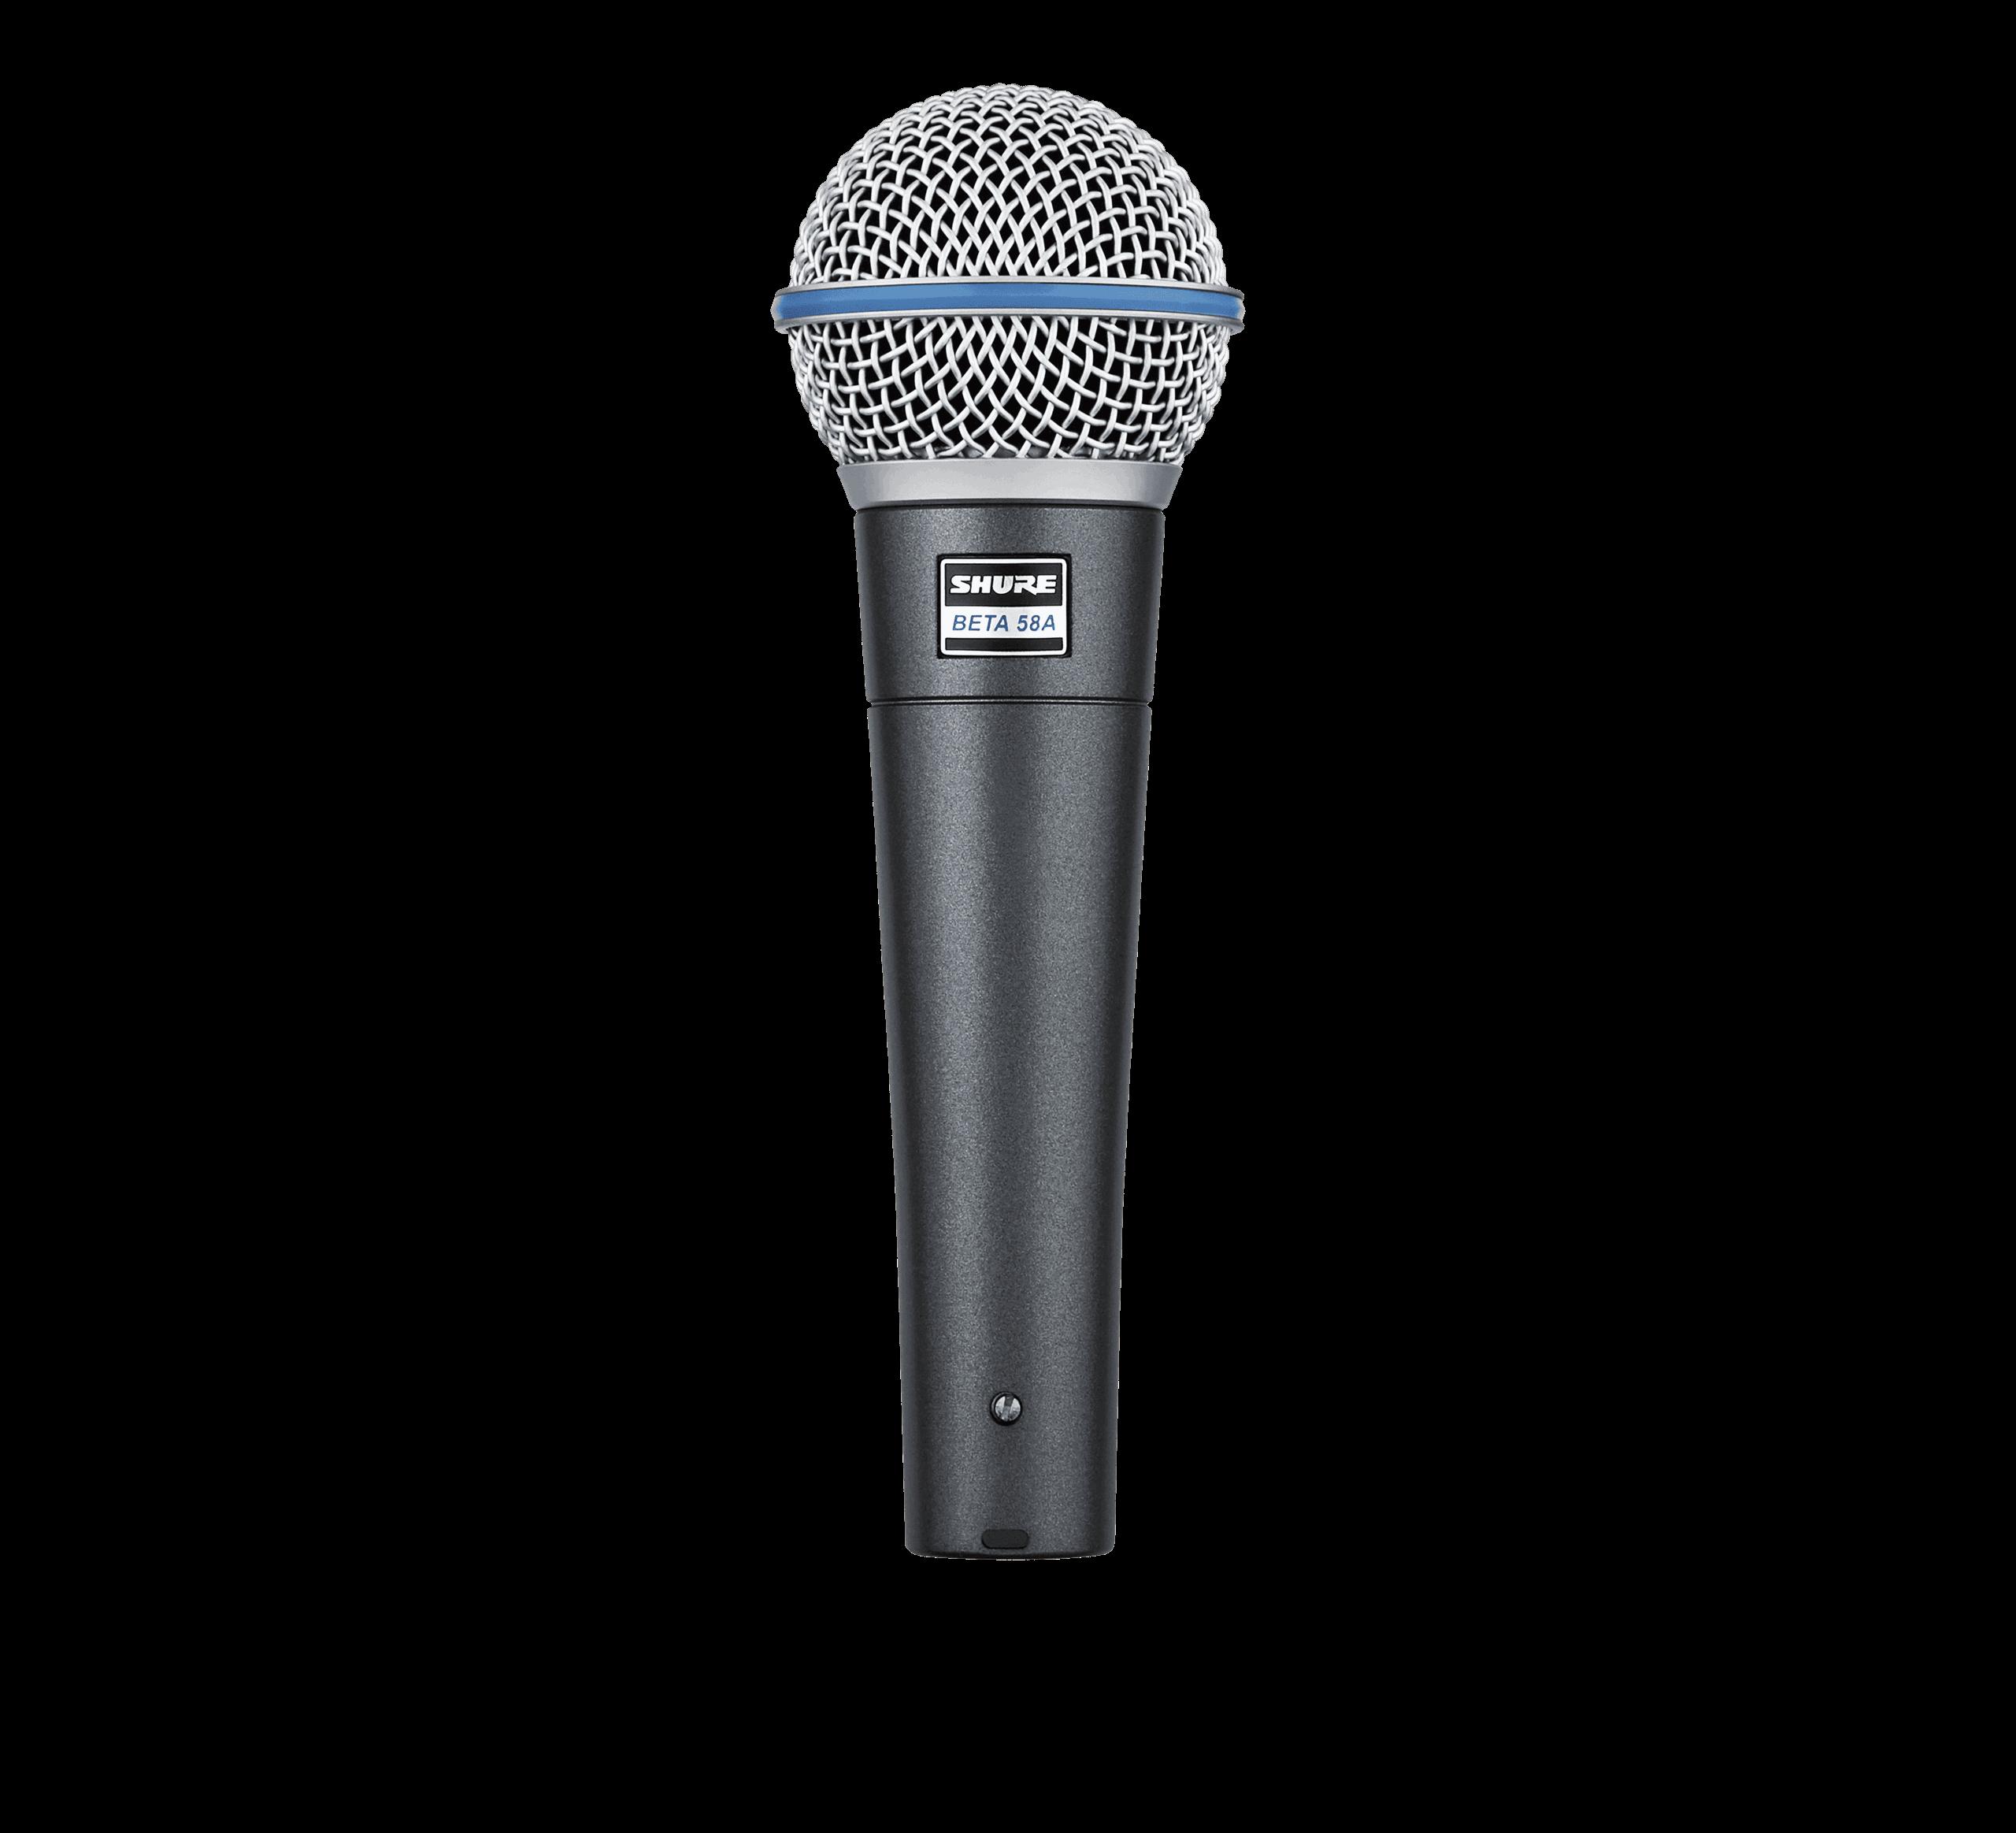 Beyerdynamic trådløs mikrofon, TG 550 Agder Lyd AS